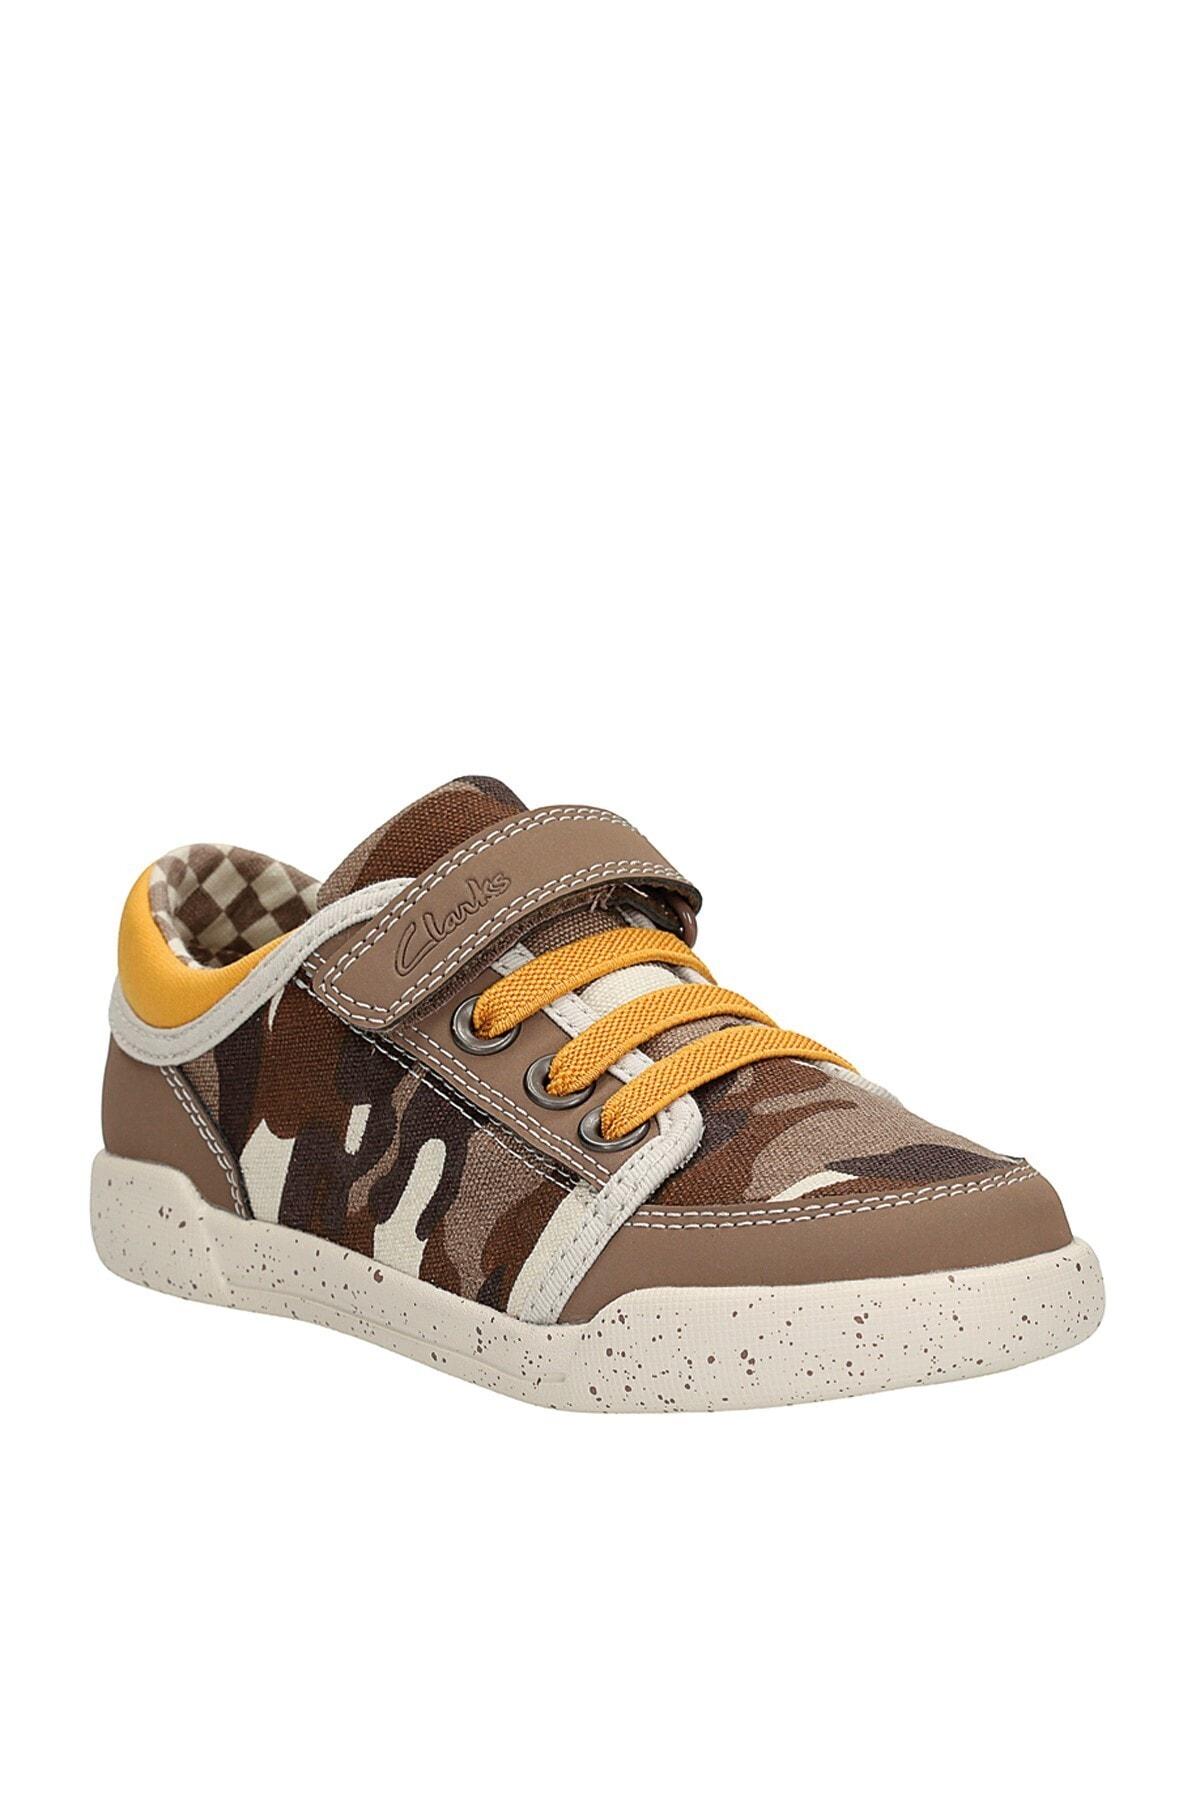 CLARKS Kahverengi Çocuk Ayakkabı 261050117 1